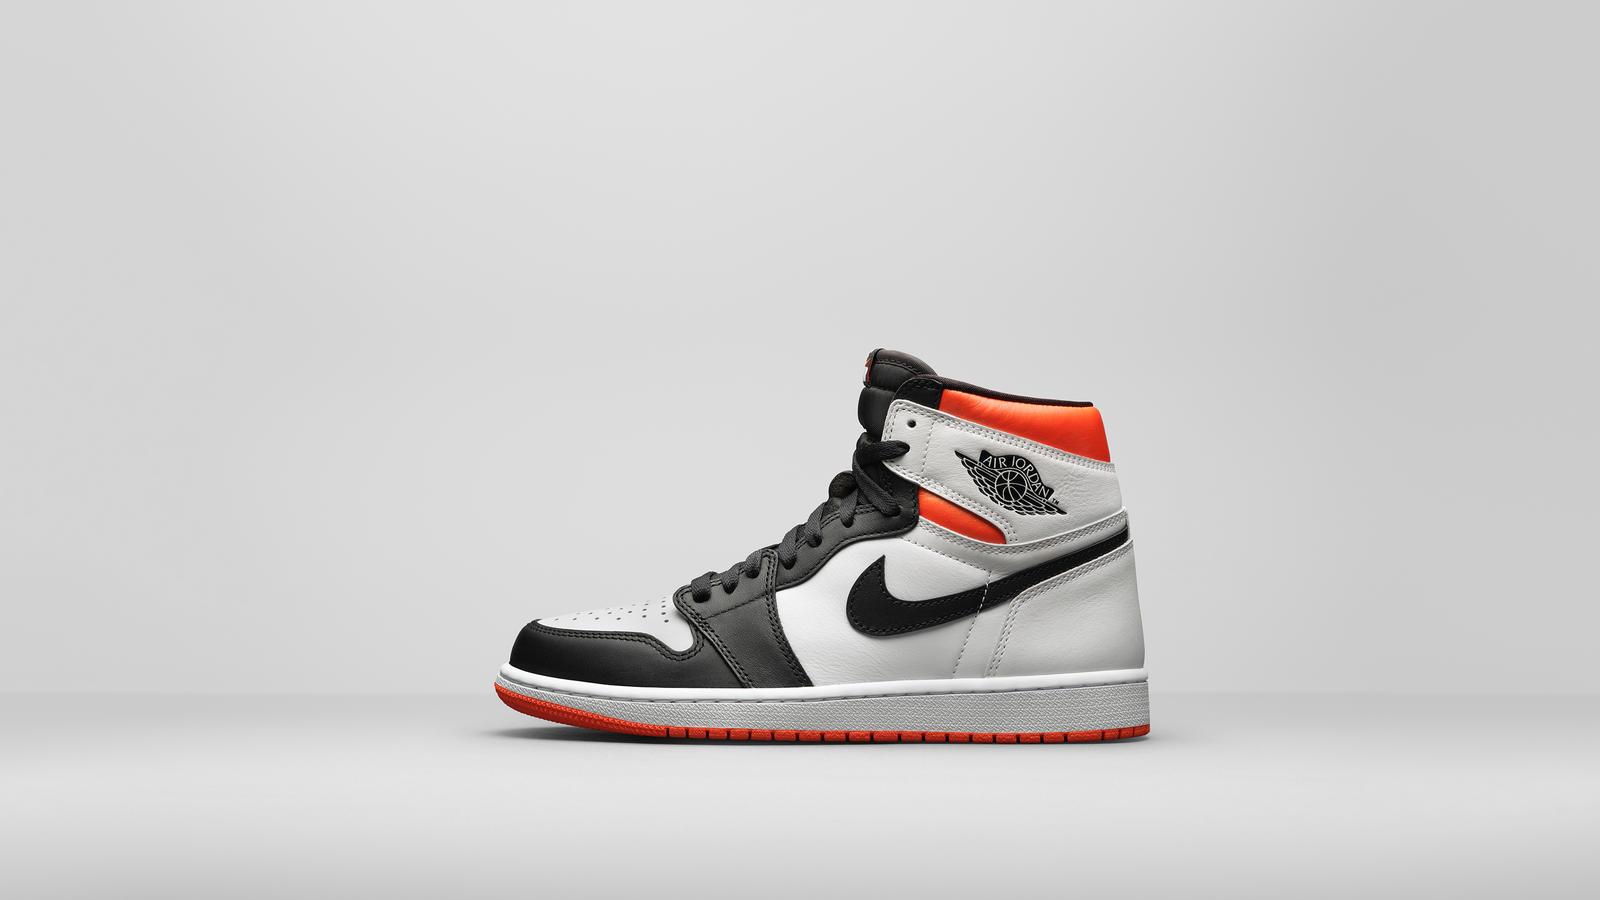 Jordan Brand Retro Preview Fall 2021 Air Jordan 11 Low IE Official Images Release Date 0